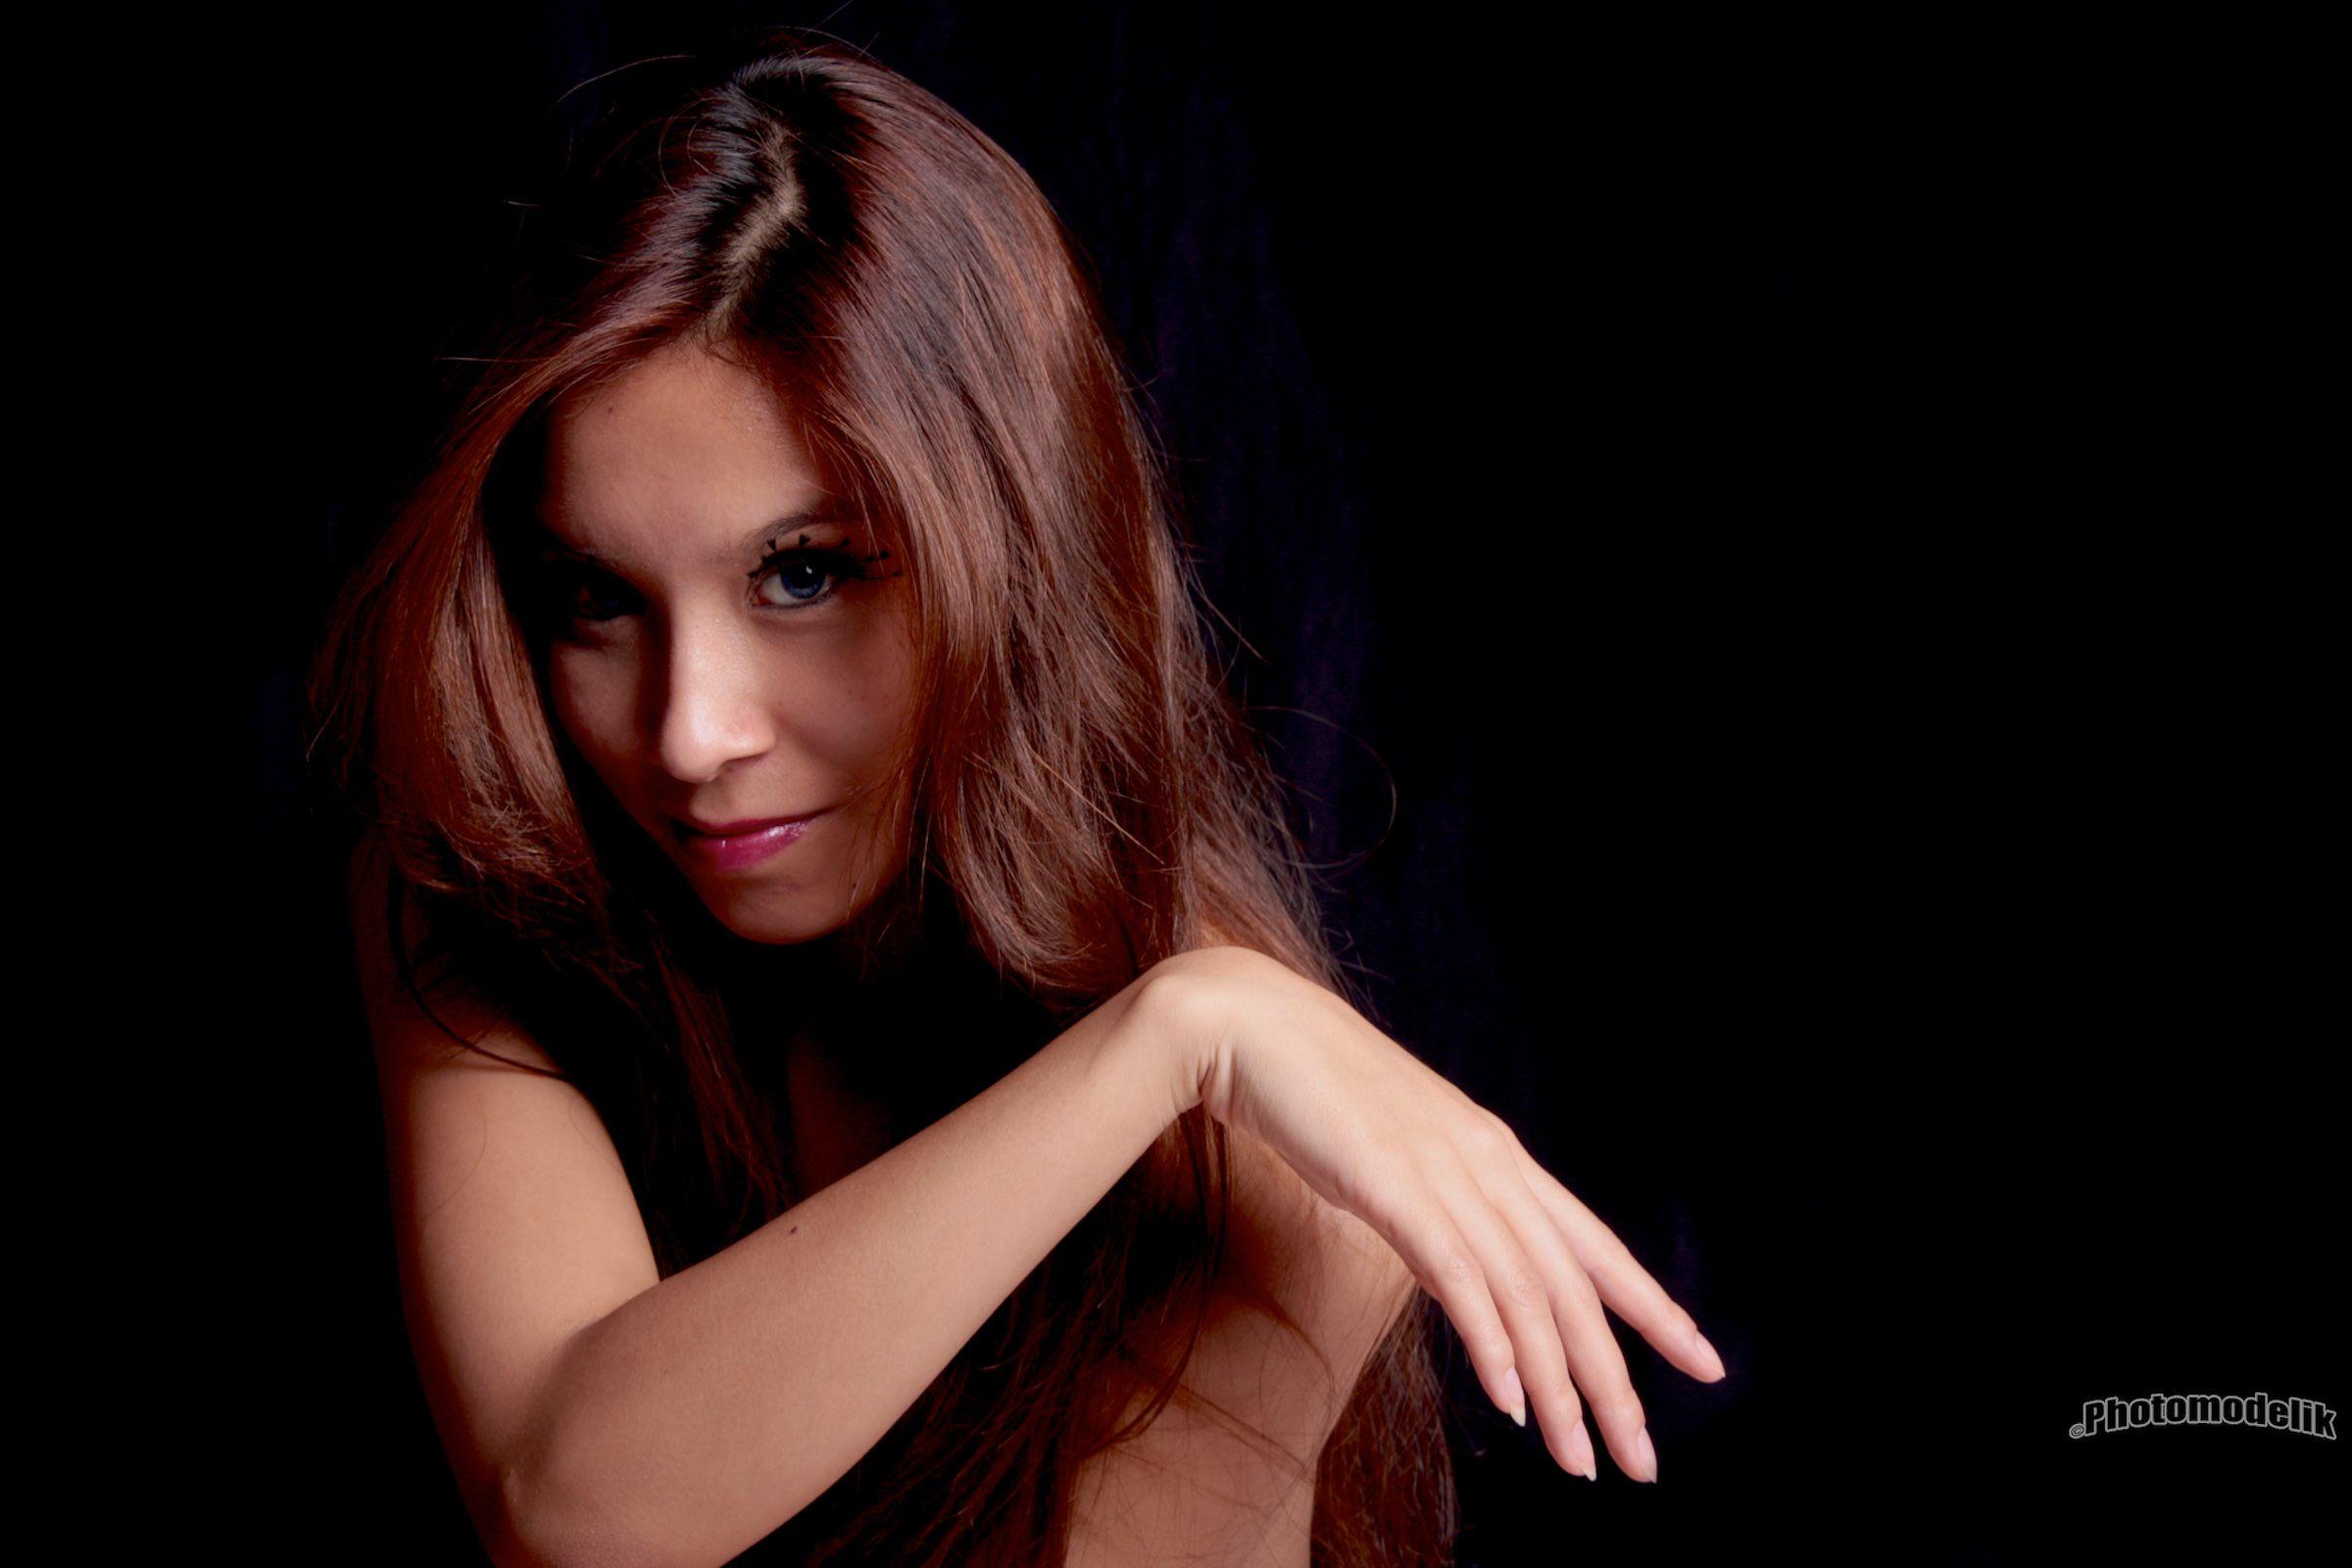 jenny suv femme genève modèle mannequin suisse maquilleuse danseuse portrait charme artistique